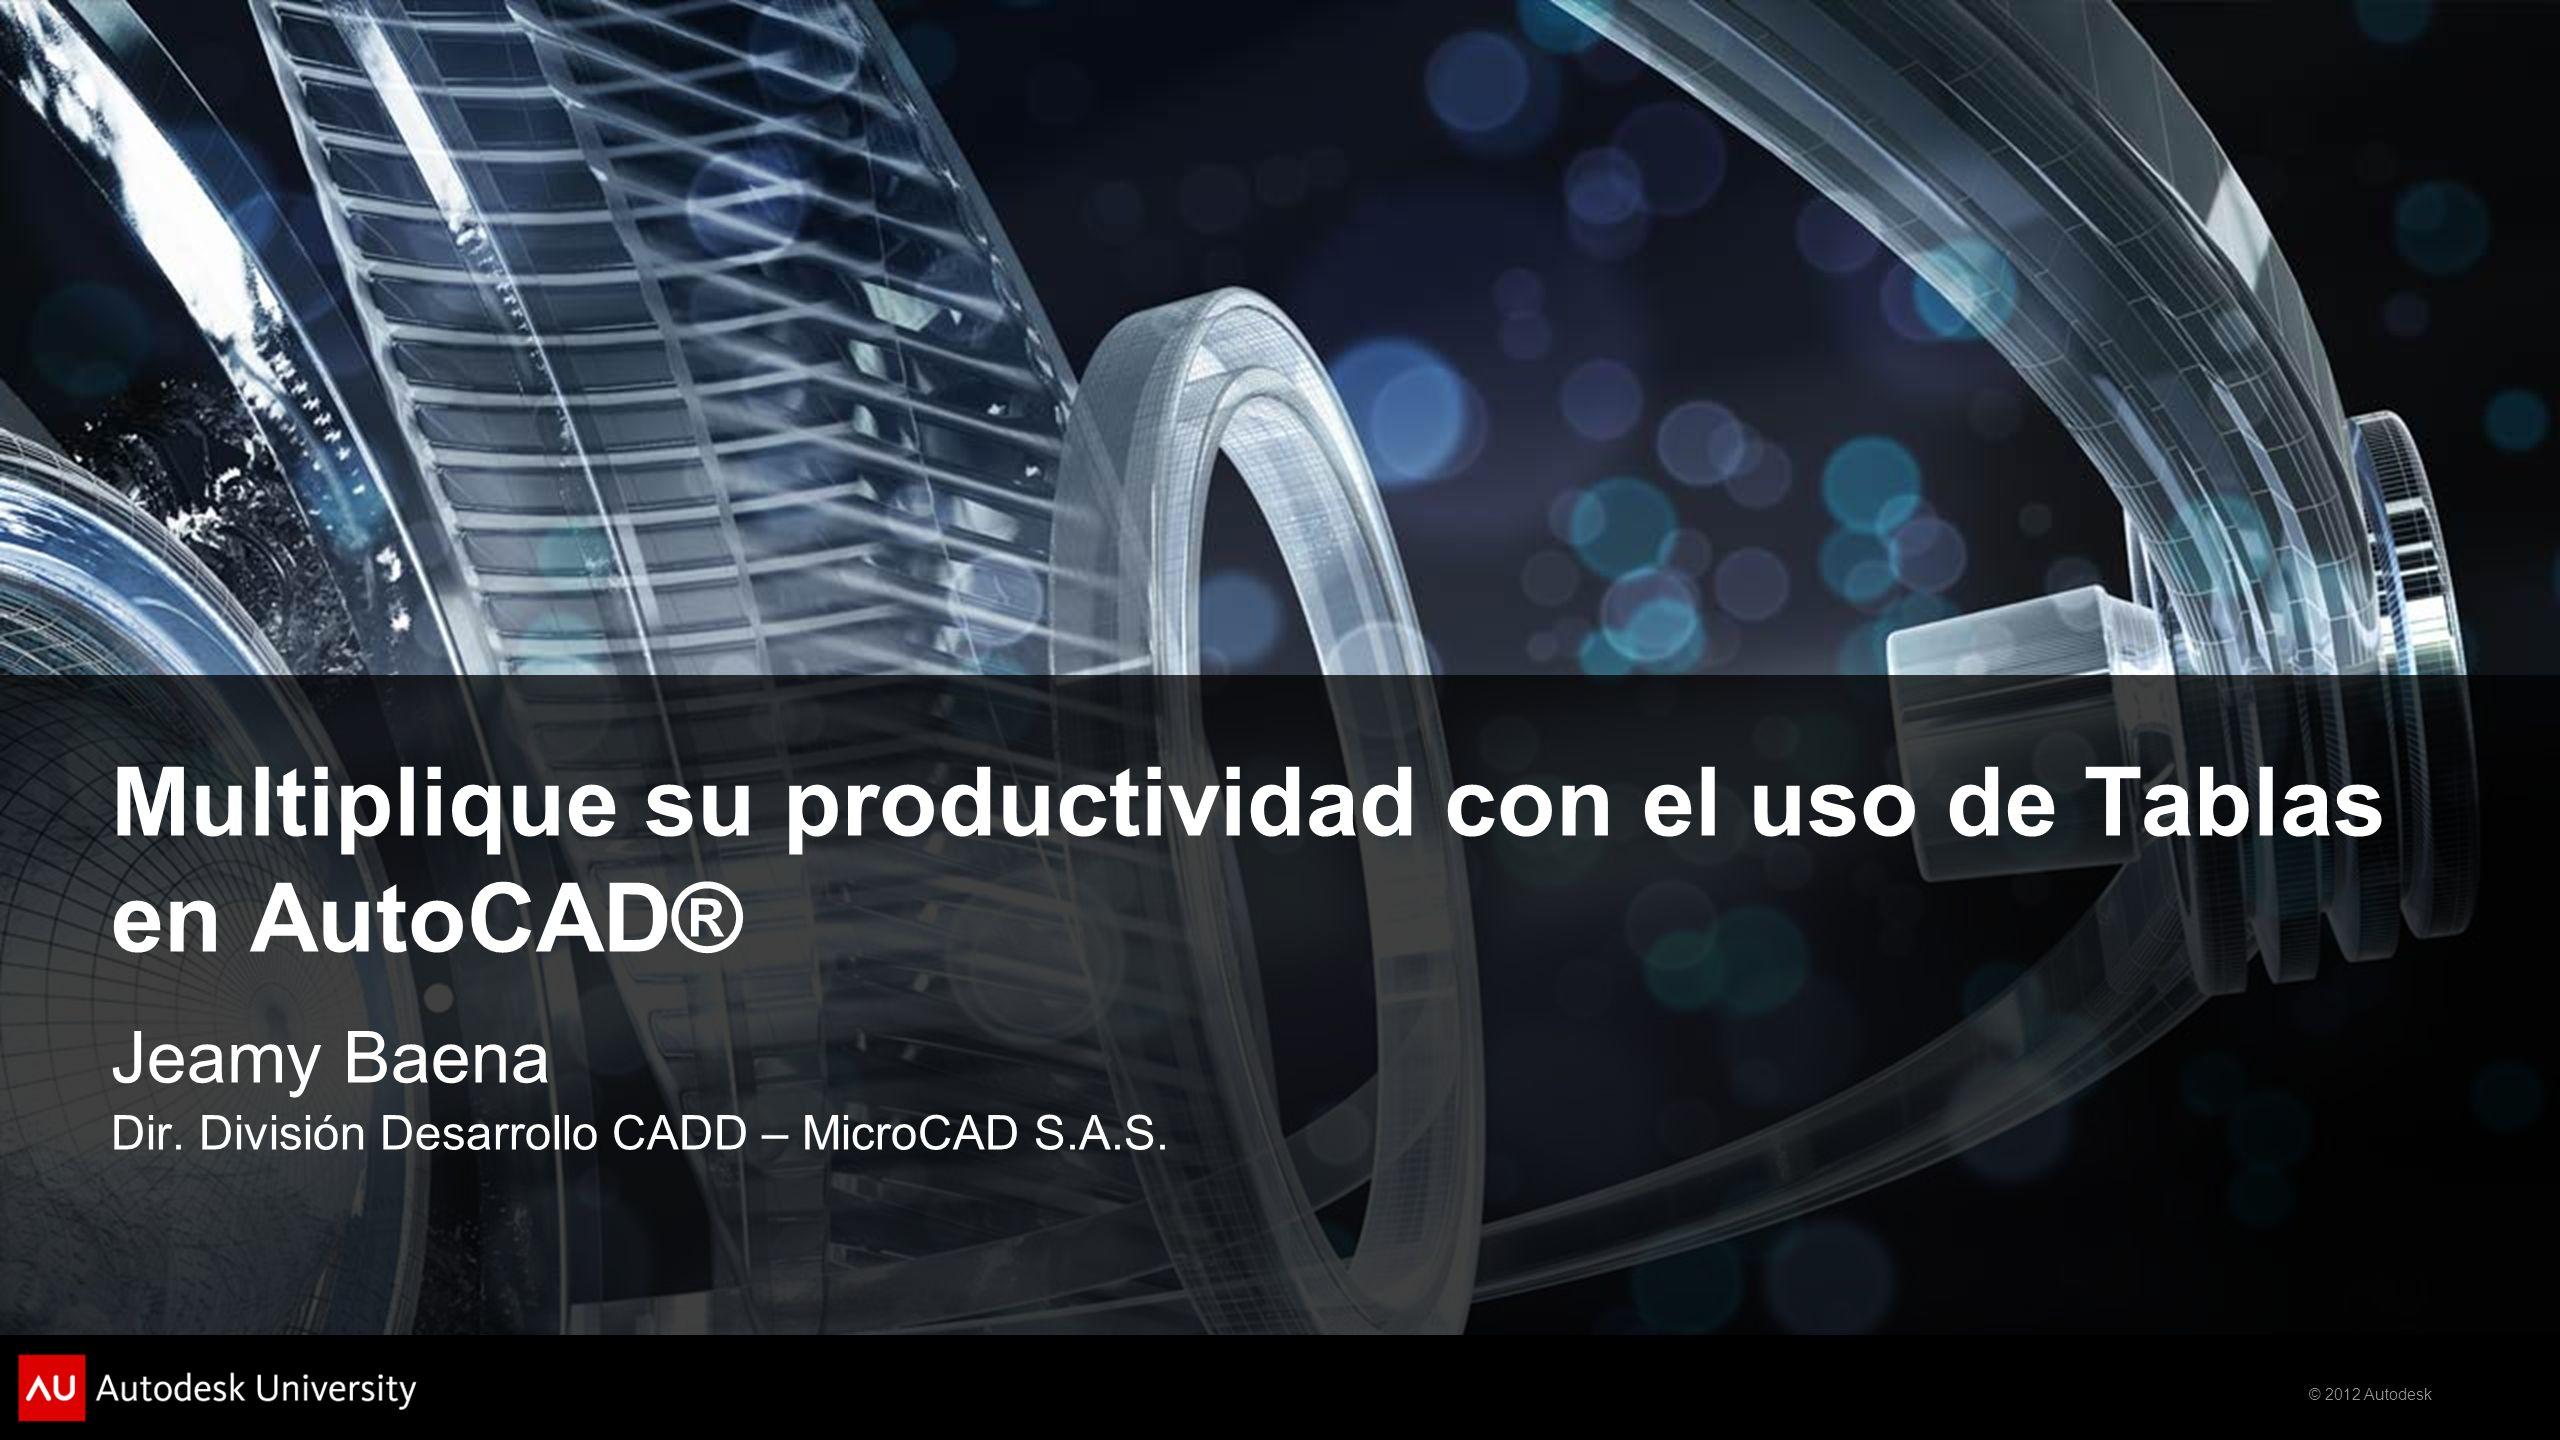 Multiplique su productividad con el uso de Tablas en AutoCAD®